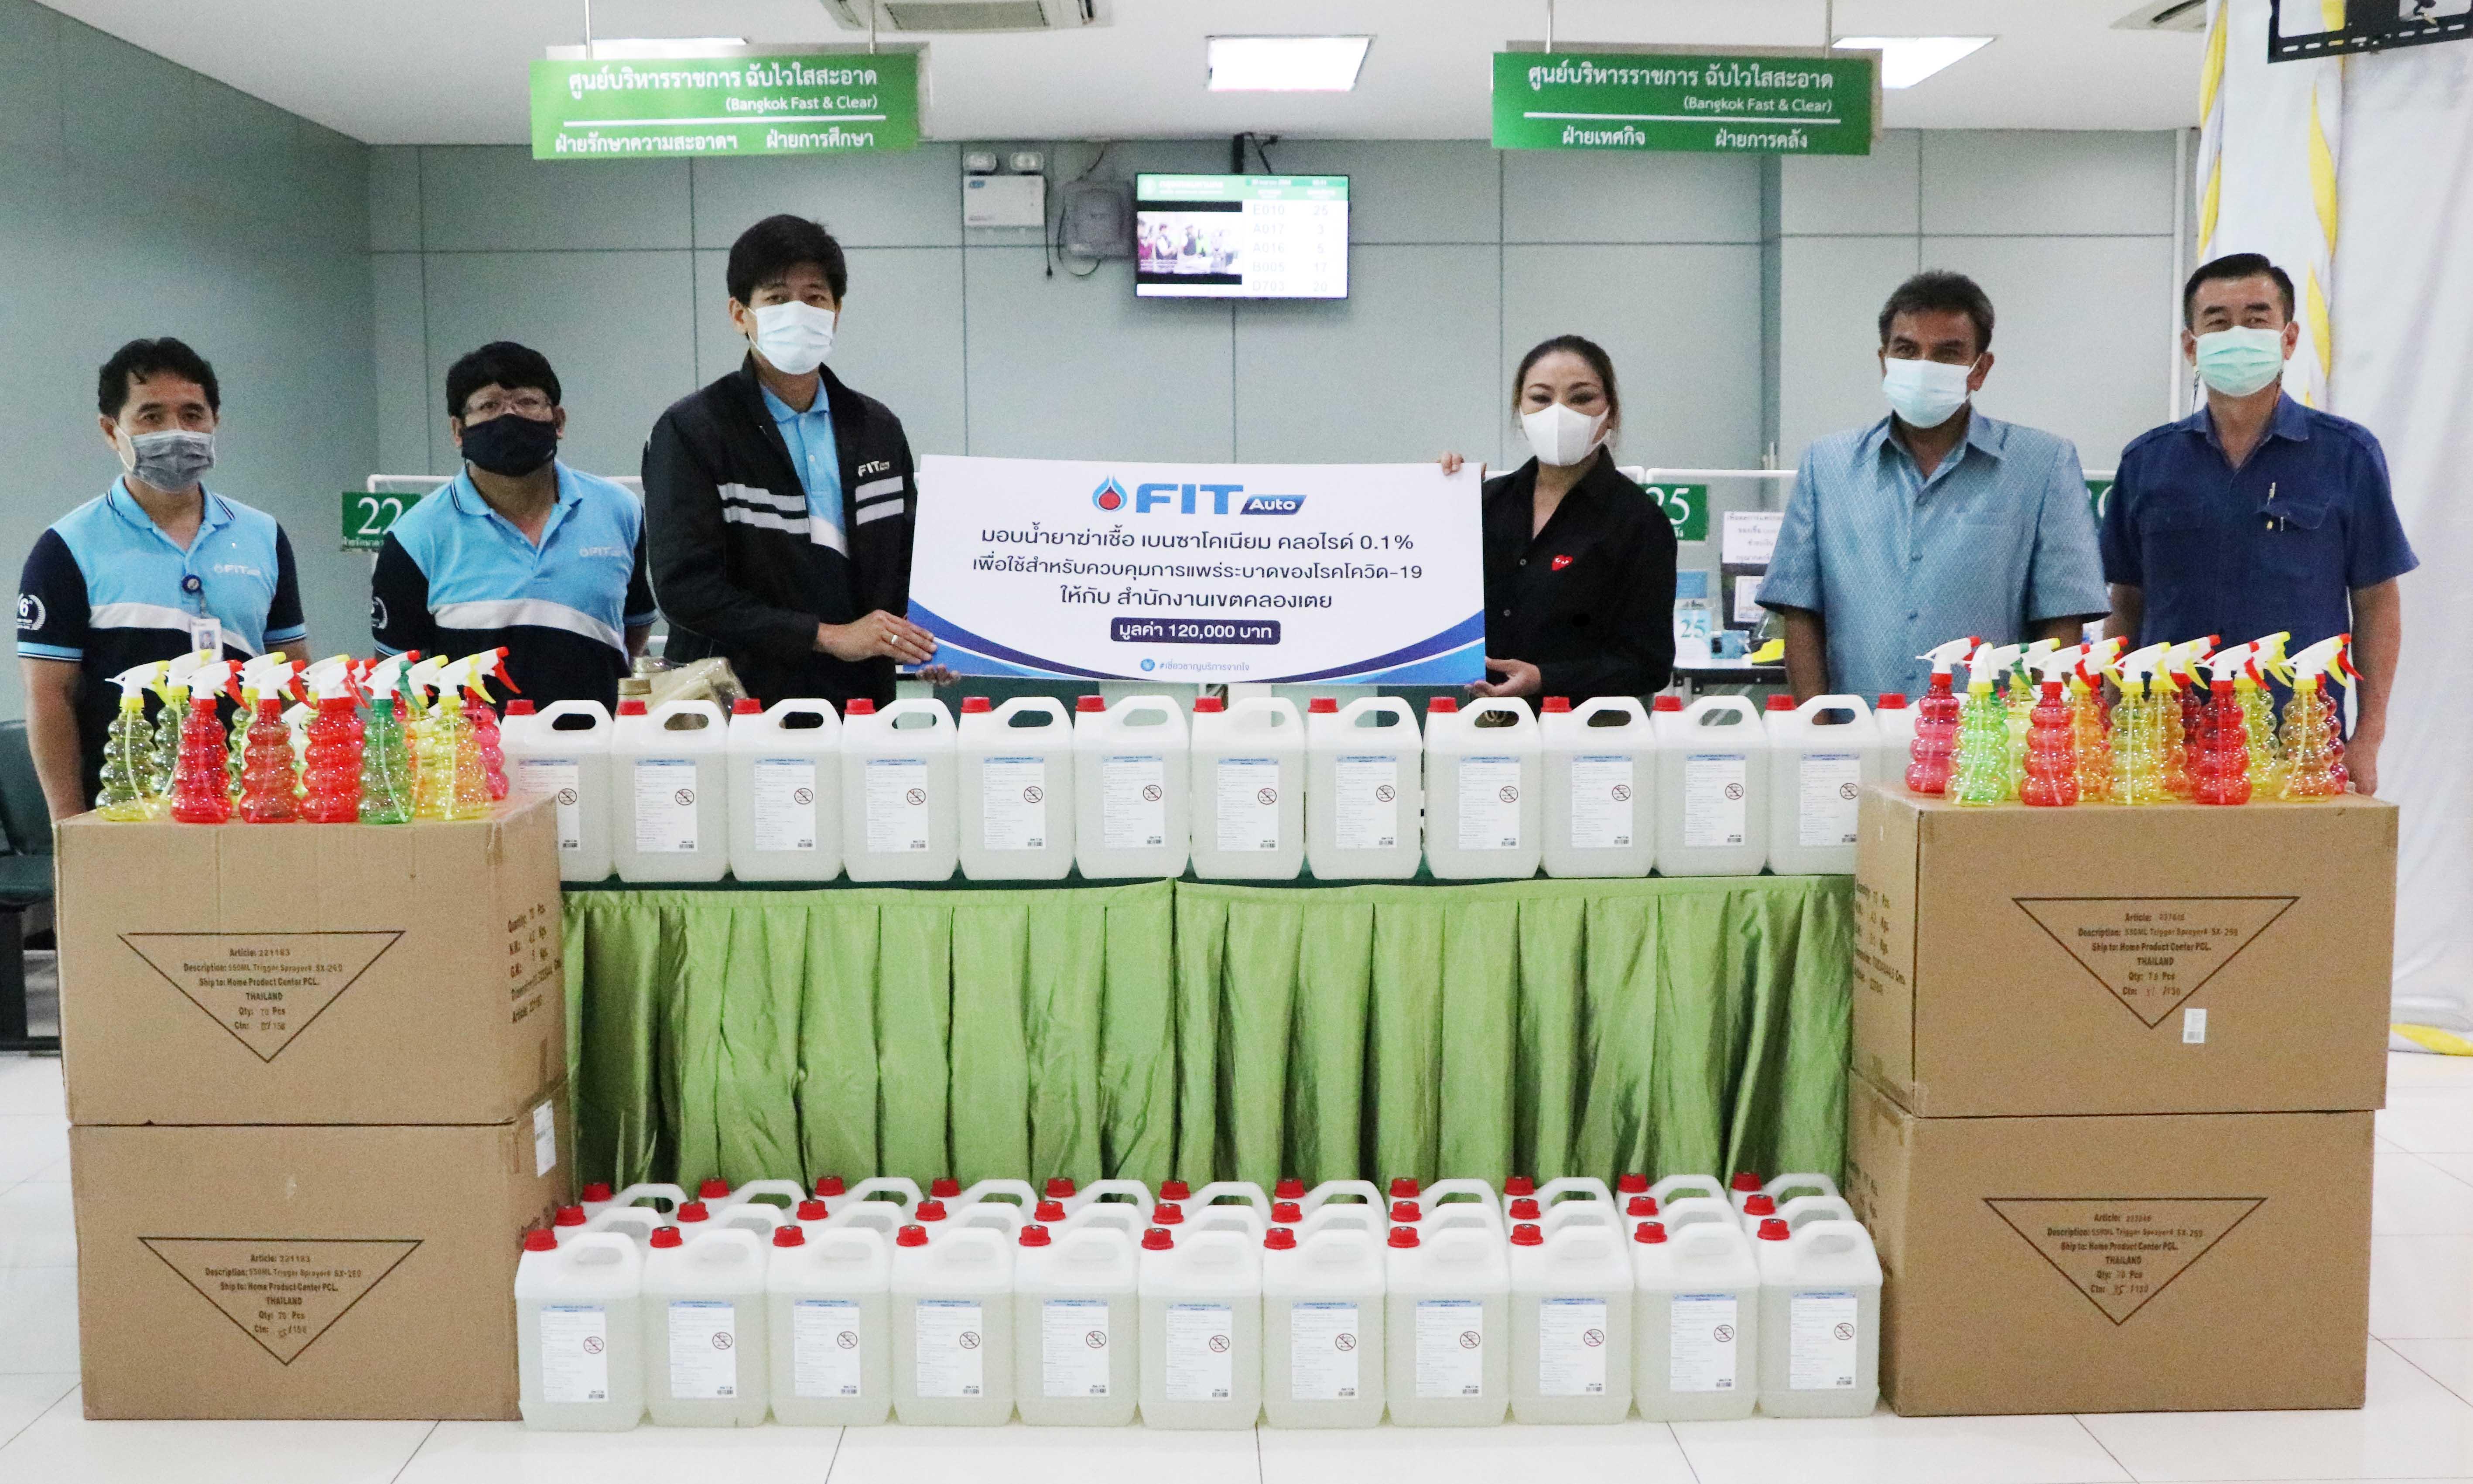 FIT Auto ห่วงใย ร่วมสู้ภัย COVID-19 มอบน้ำยาฆ่าเชื้อ ให้แก่สำนักงานเขตคลองเตย สำนักพิมพ์แม่บ้าน